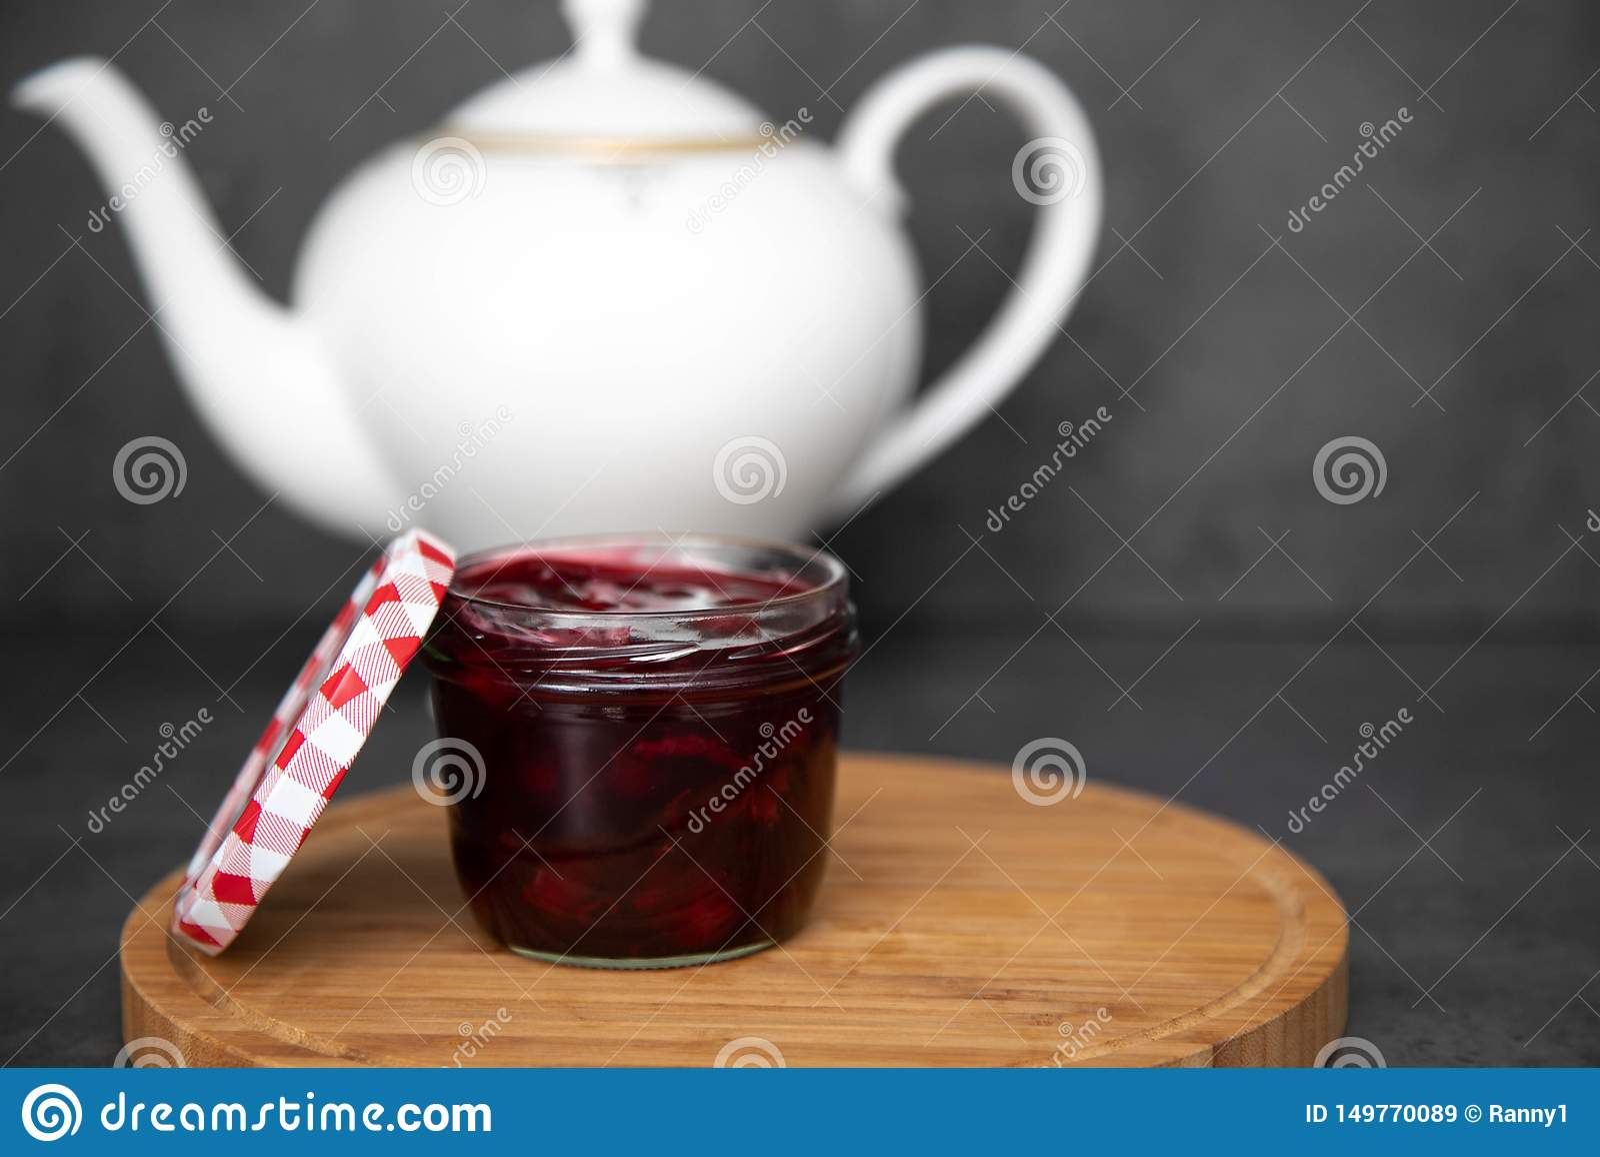 Kersenjam, jam, gelei in een glaskruik met een rood en wit deksel naast een houten ronde raad, raad Tegen de achtergrond van a